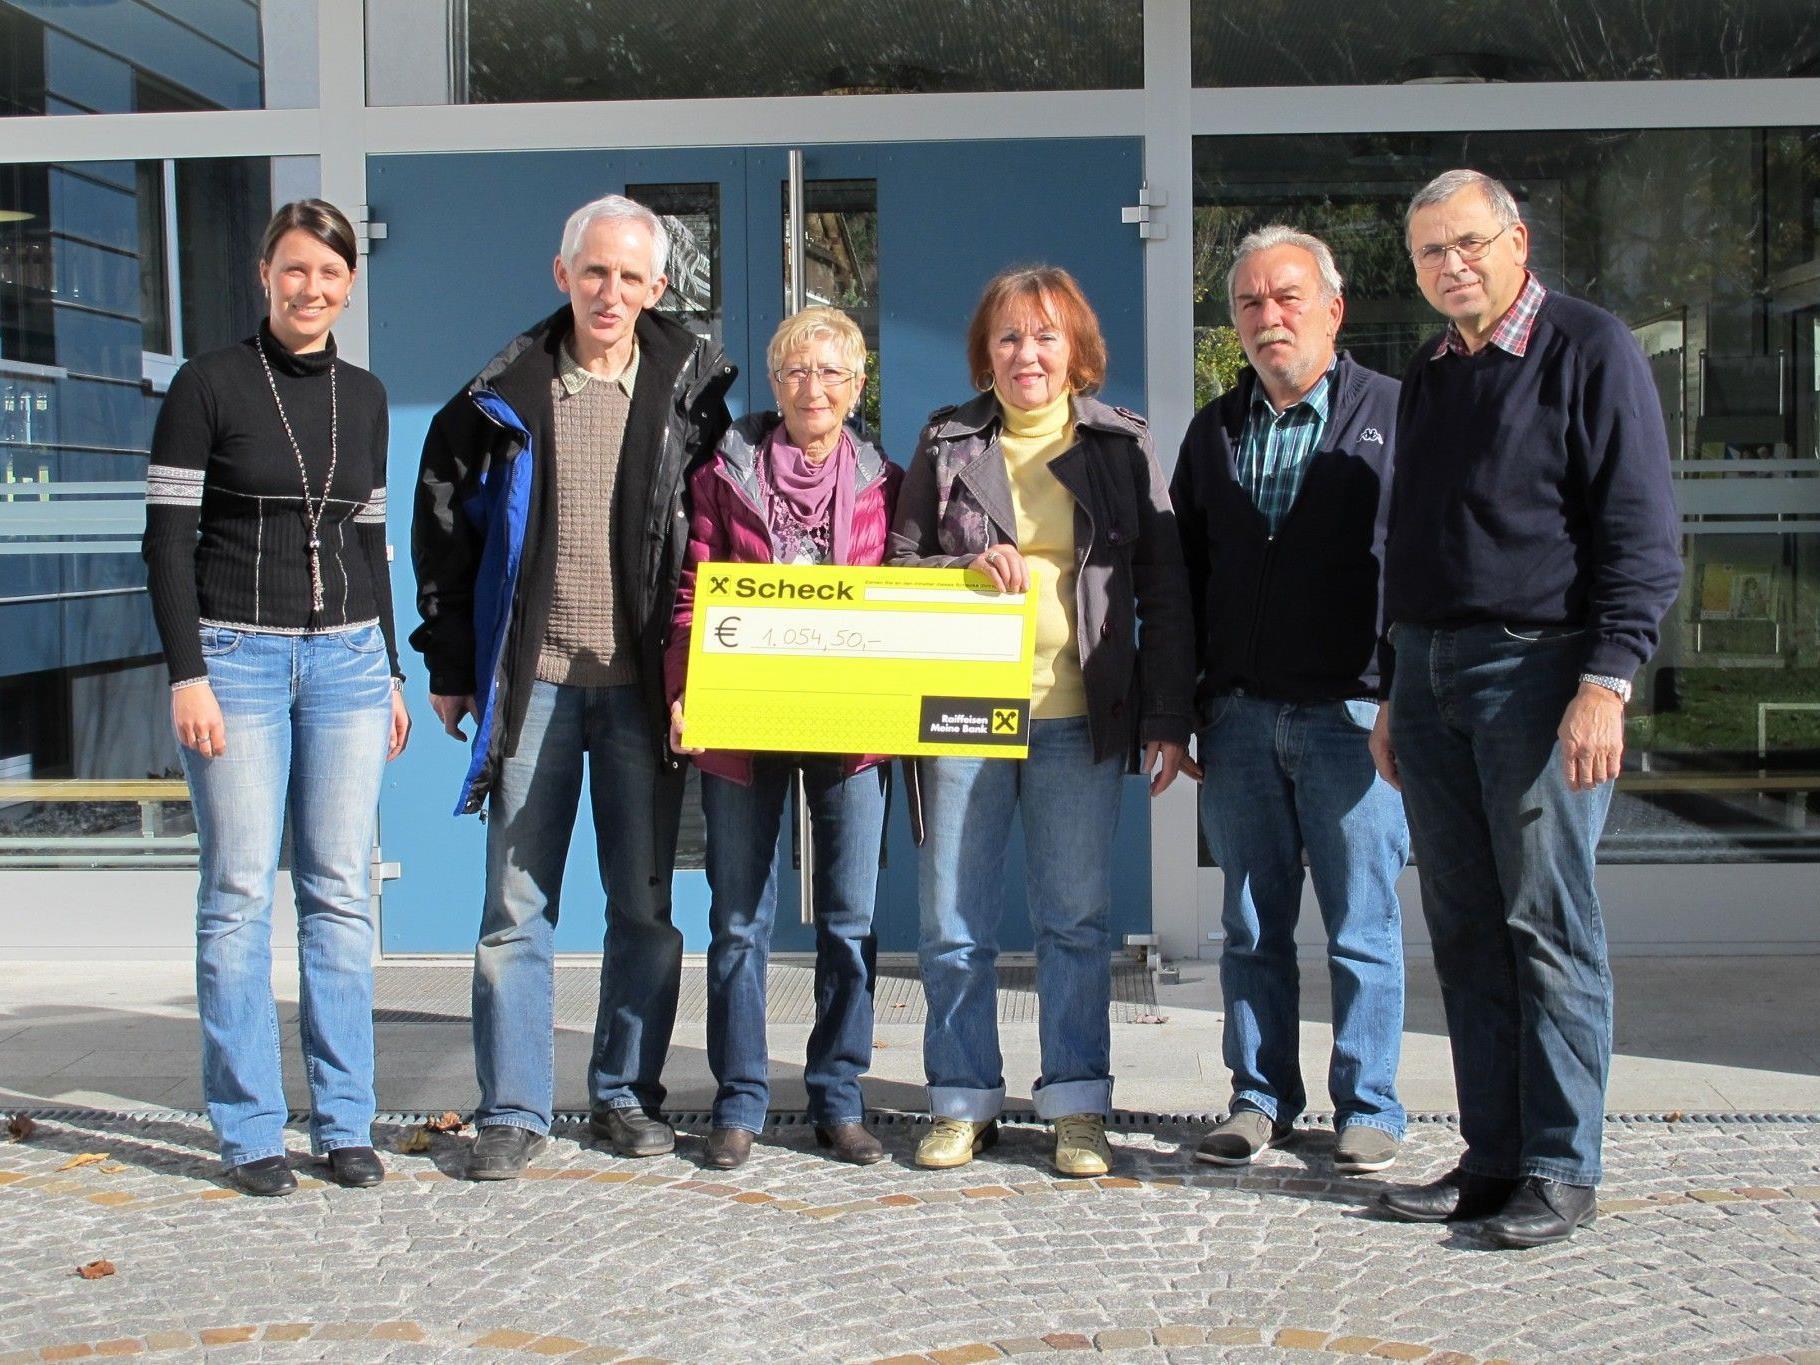 von links: Julia Mangeng, Elmar Stüttler, Monika Sartori, Inge Dobler, Heinz Scheider, Alois Kegele